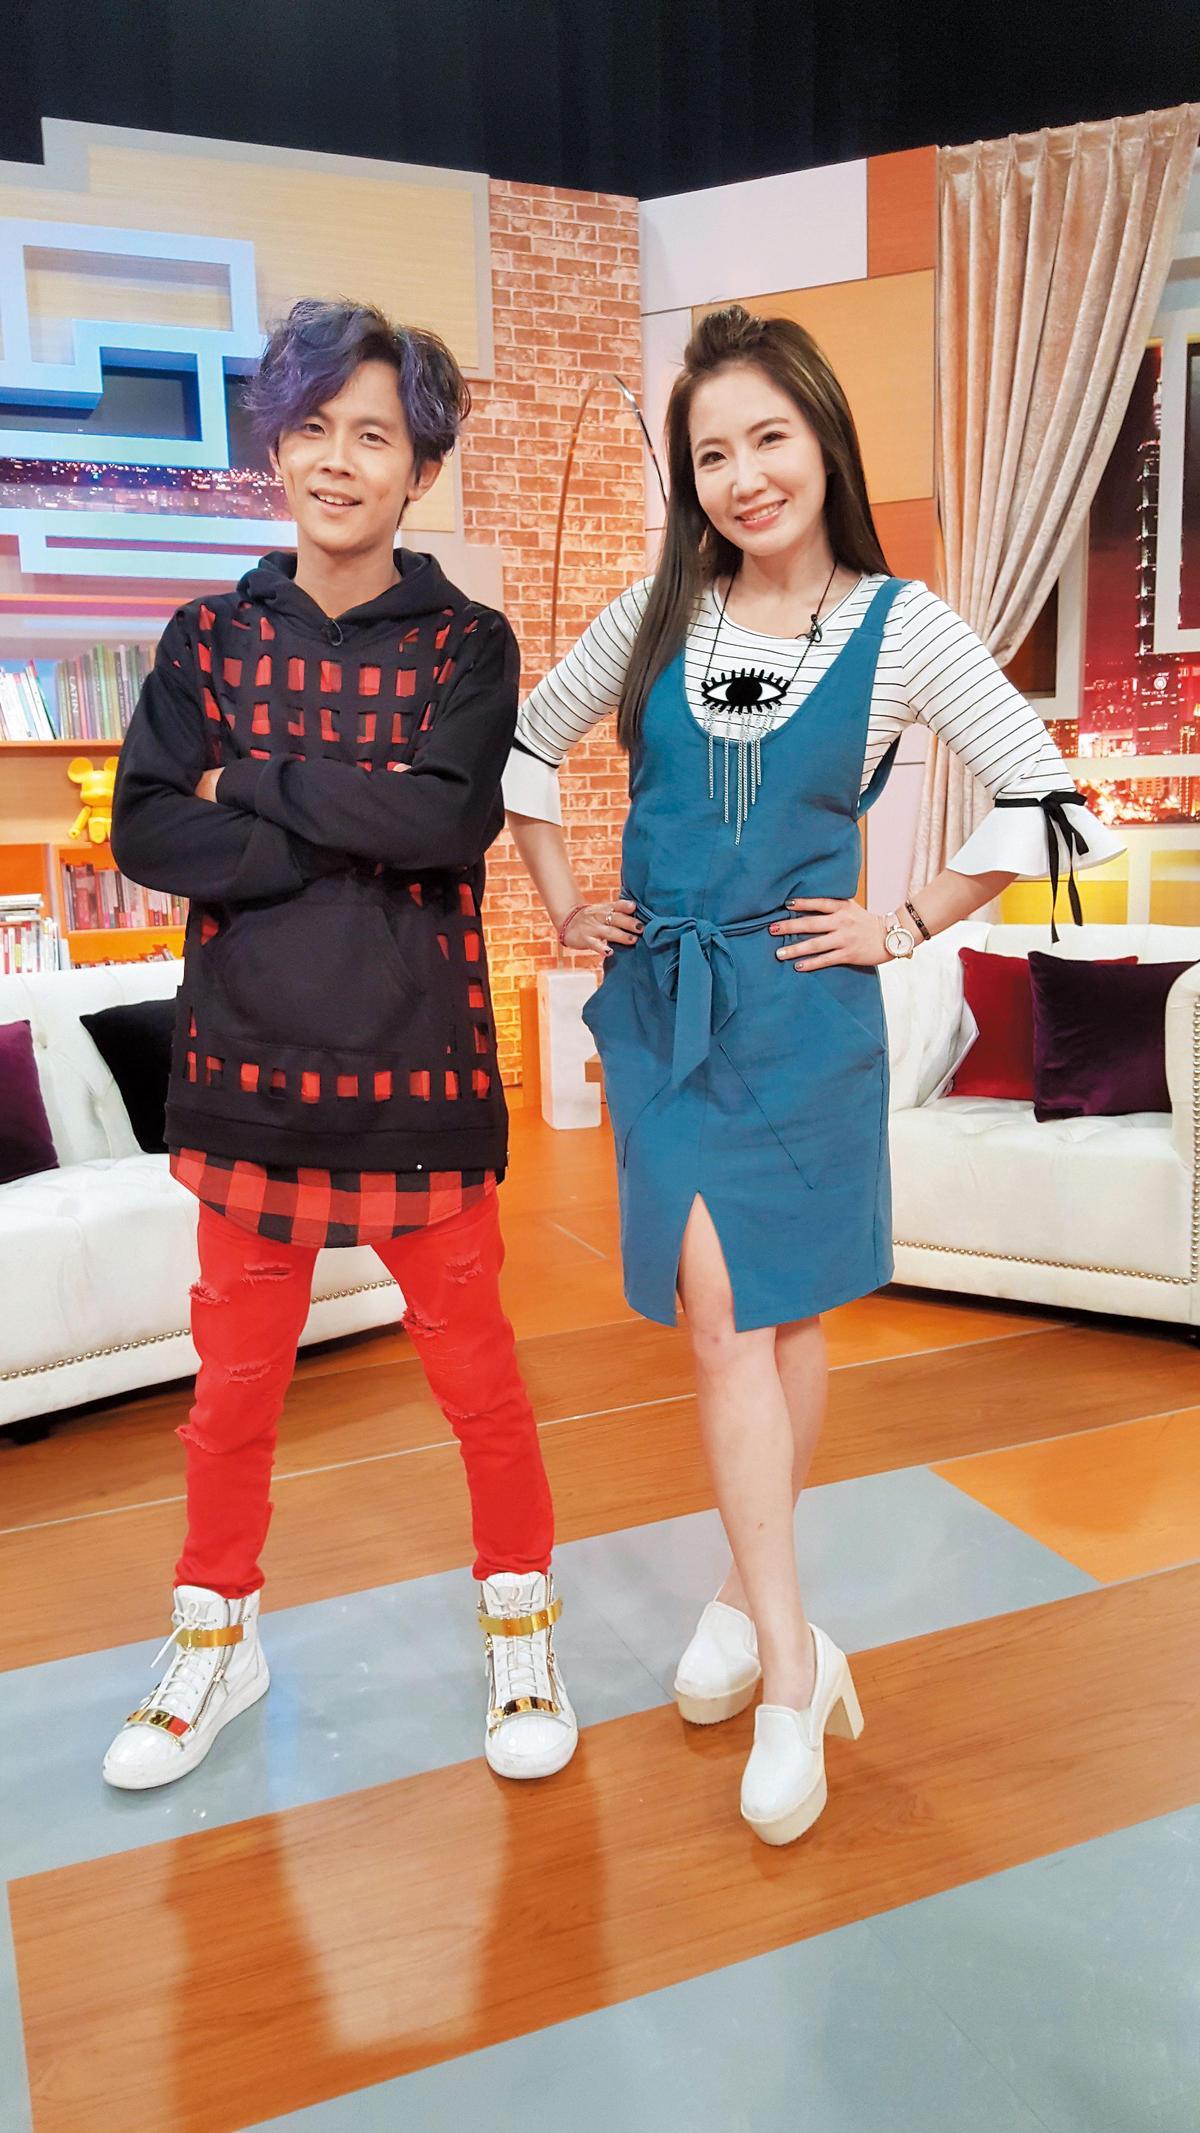 阿翔(左)跟同公司的藝人謝忻(右),經常較勁「誰最省錢」,鬧出一籮筐趣事。 (時代創藝提供)